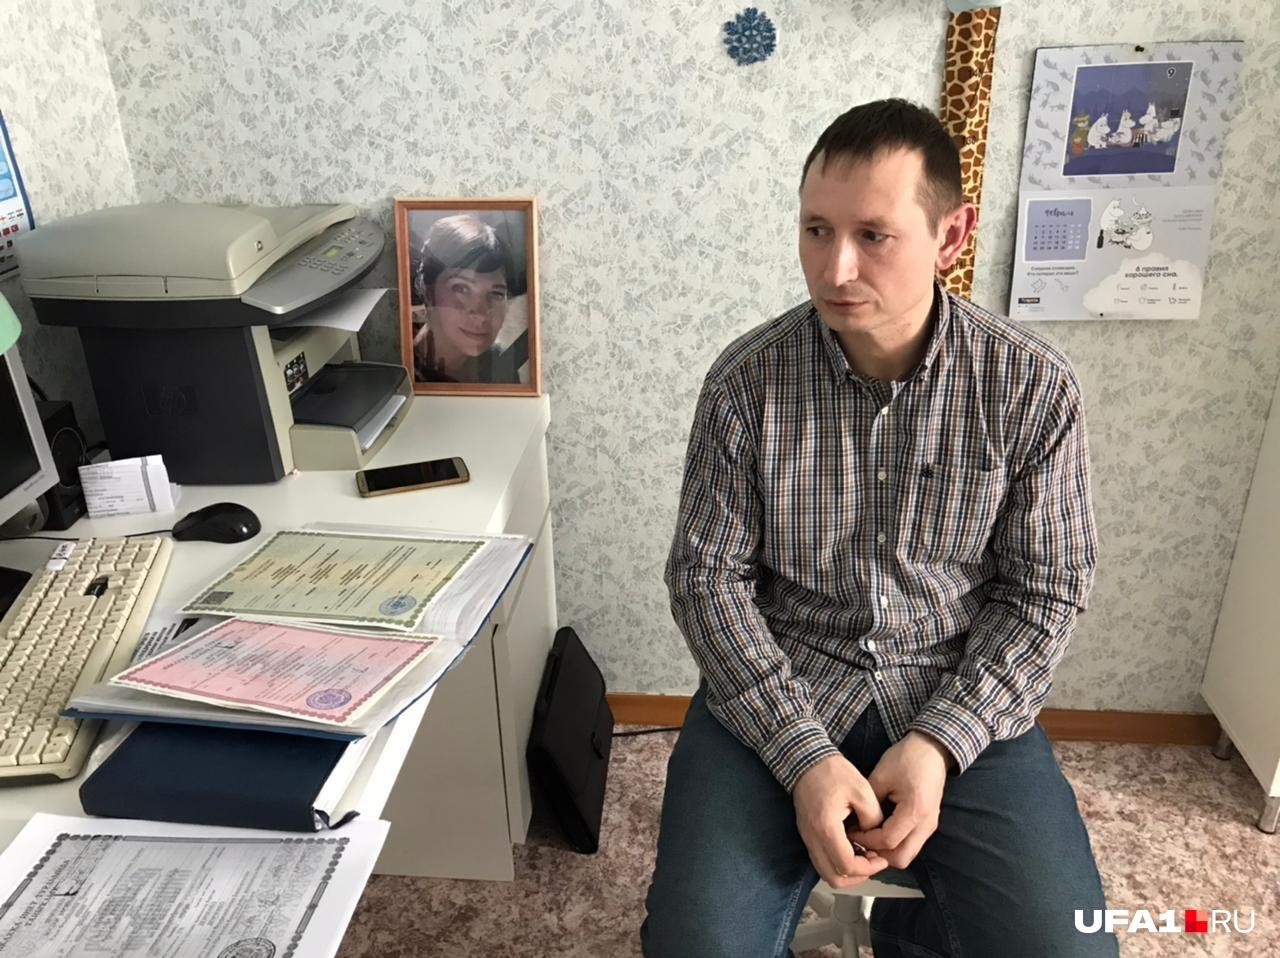 По словам Богдана, обычно всеми документами в семье Демченко заведовала и вообще «задавала курс» Наталья, но теперь эта роль перешла Богдану